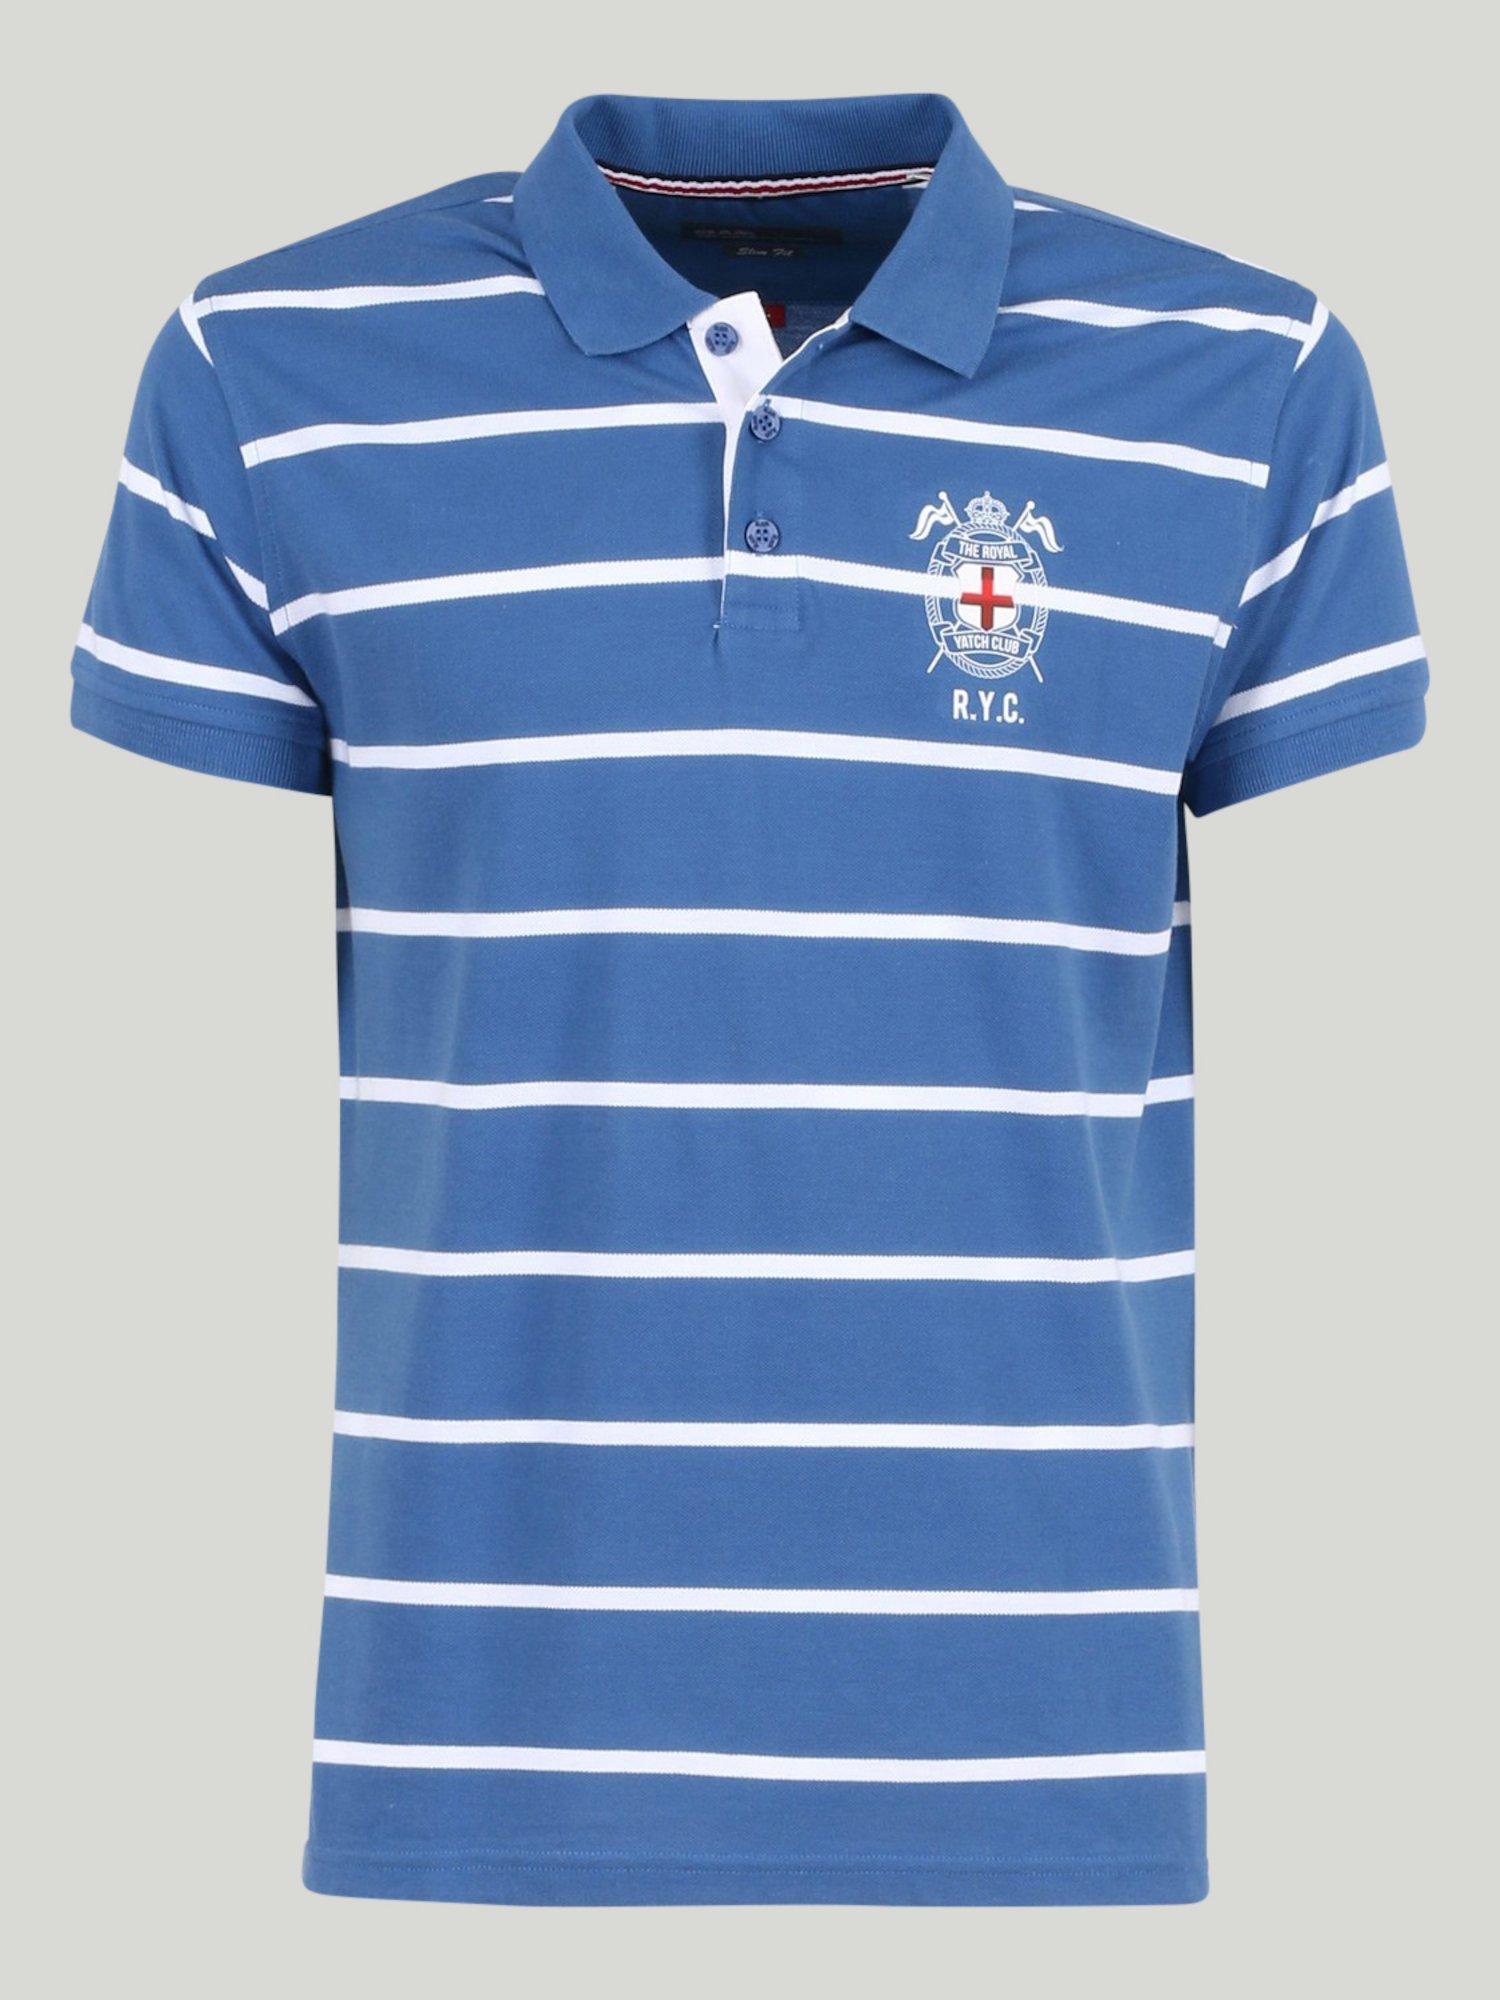 Snapple polo shirt - Delft